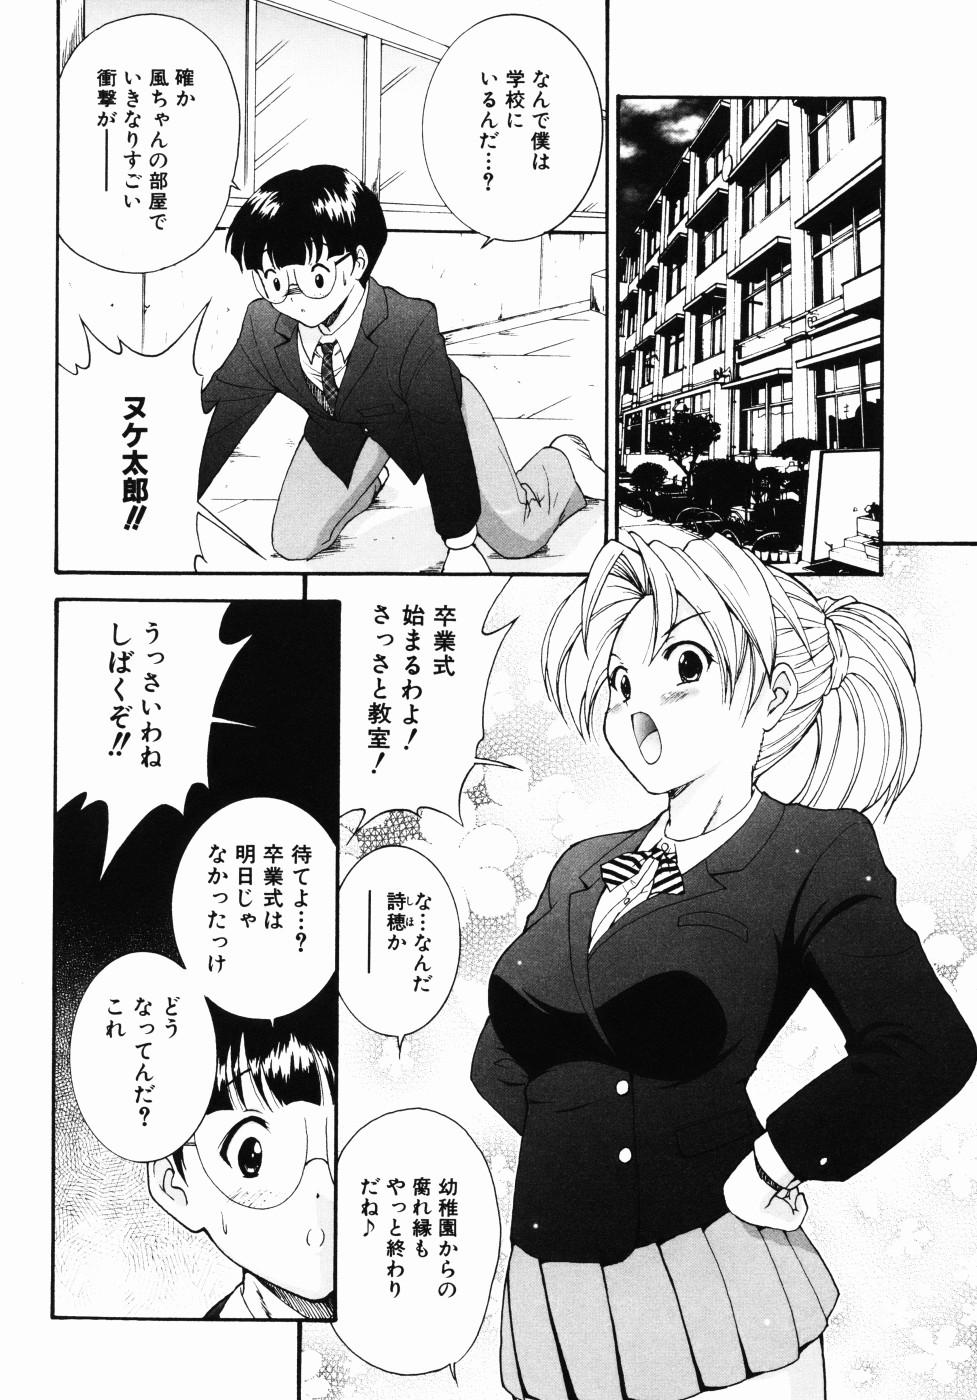 Daikyou Megami 108